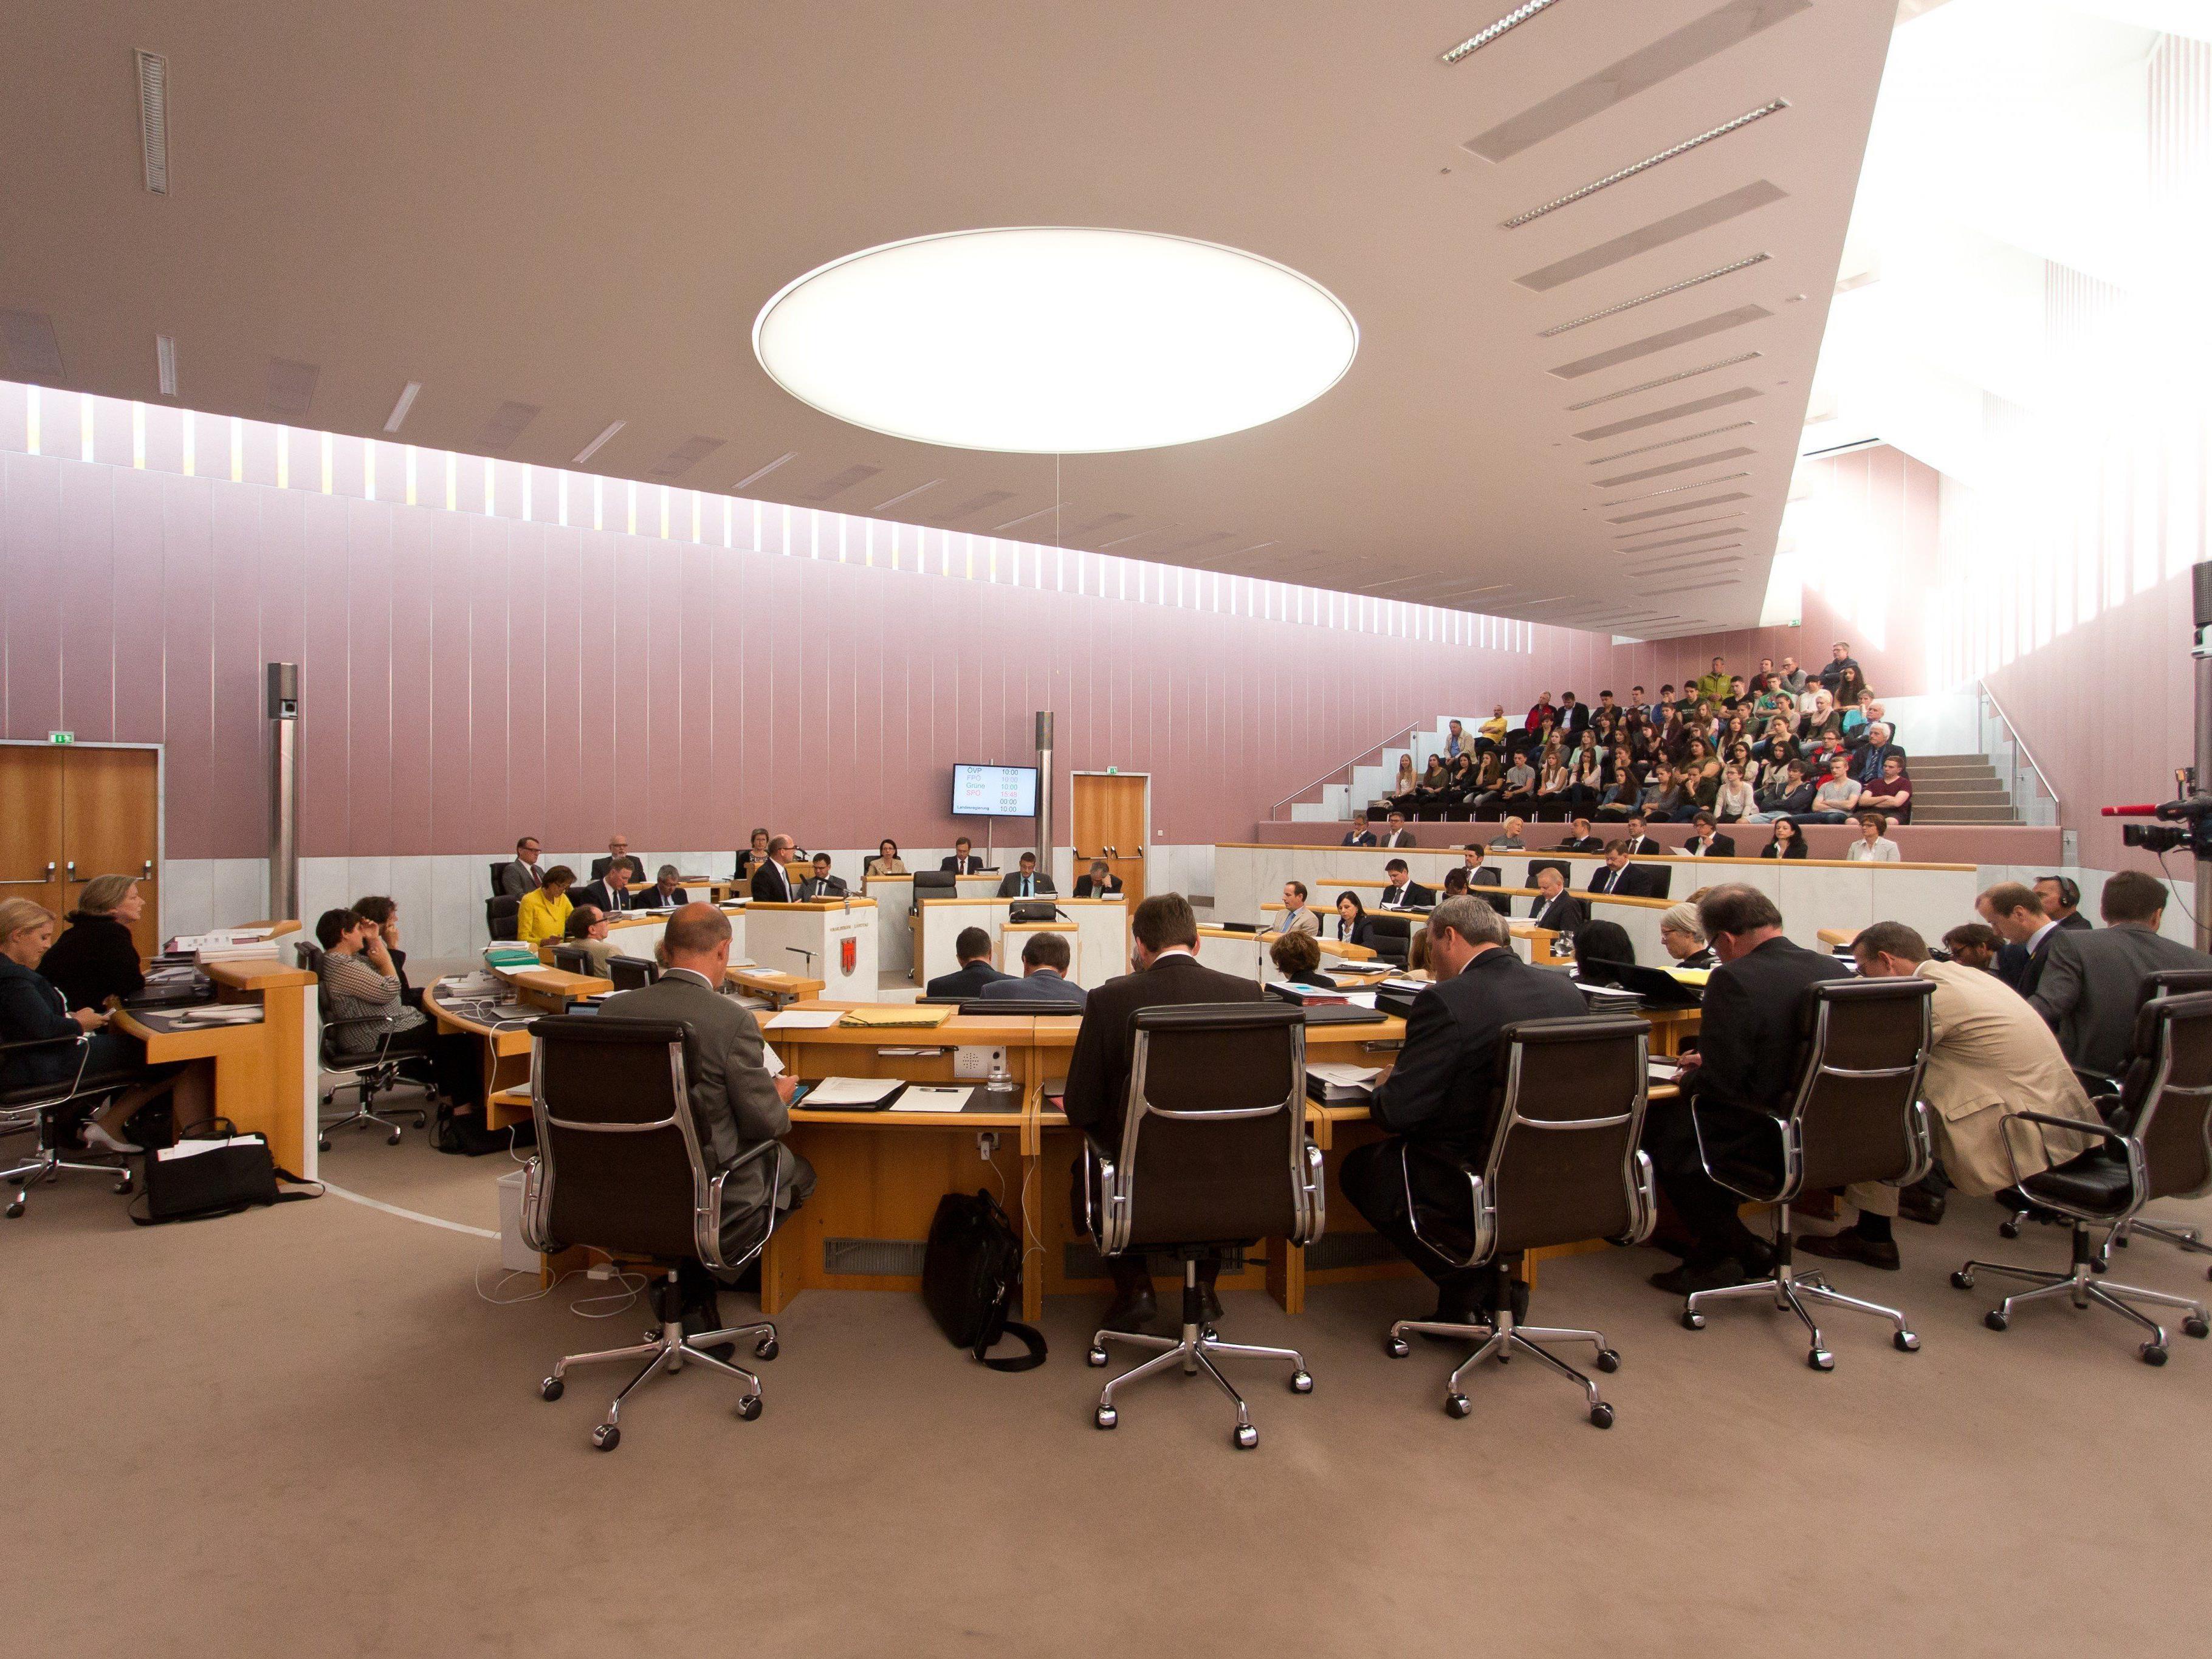 Kontroverse Ansichten zum Thema Landtags-Verkleinerung.